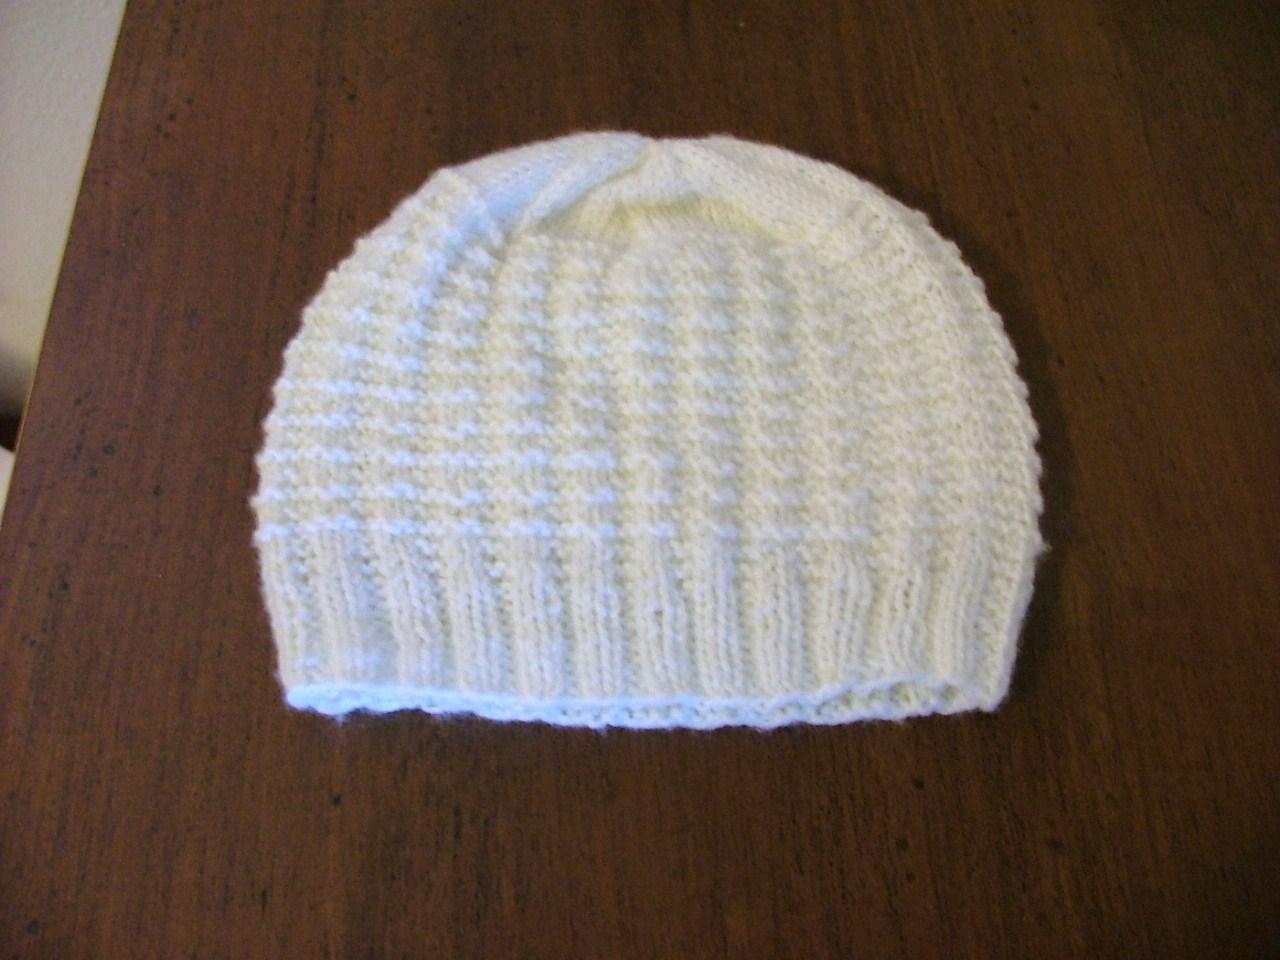 Eccezionale filoturchino: 3 cappellini neonato QG16